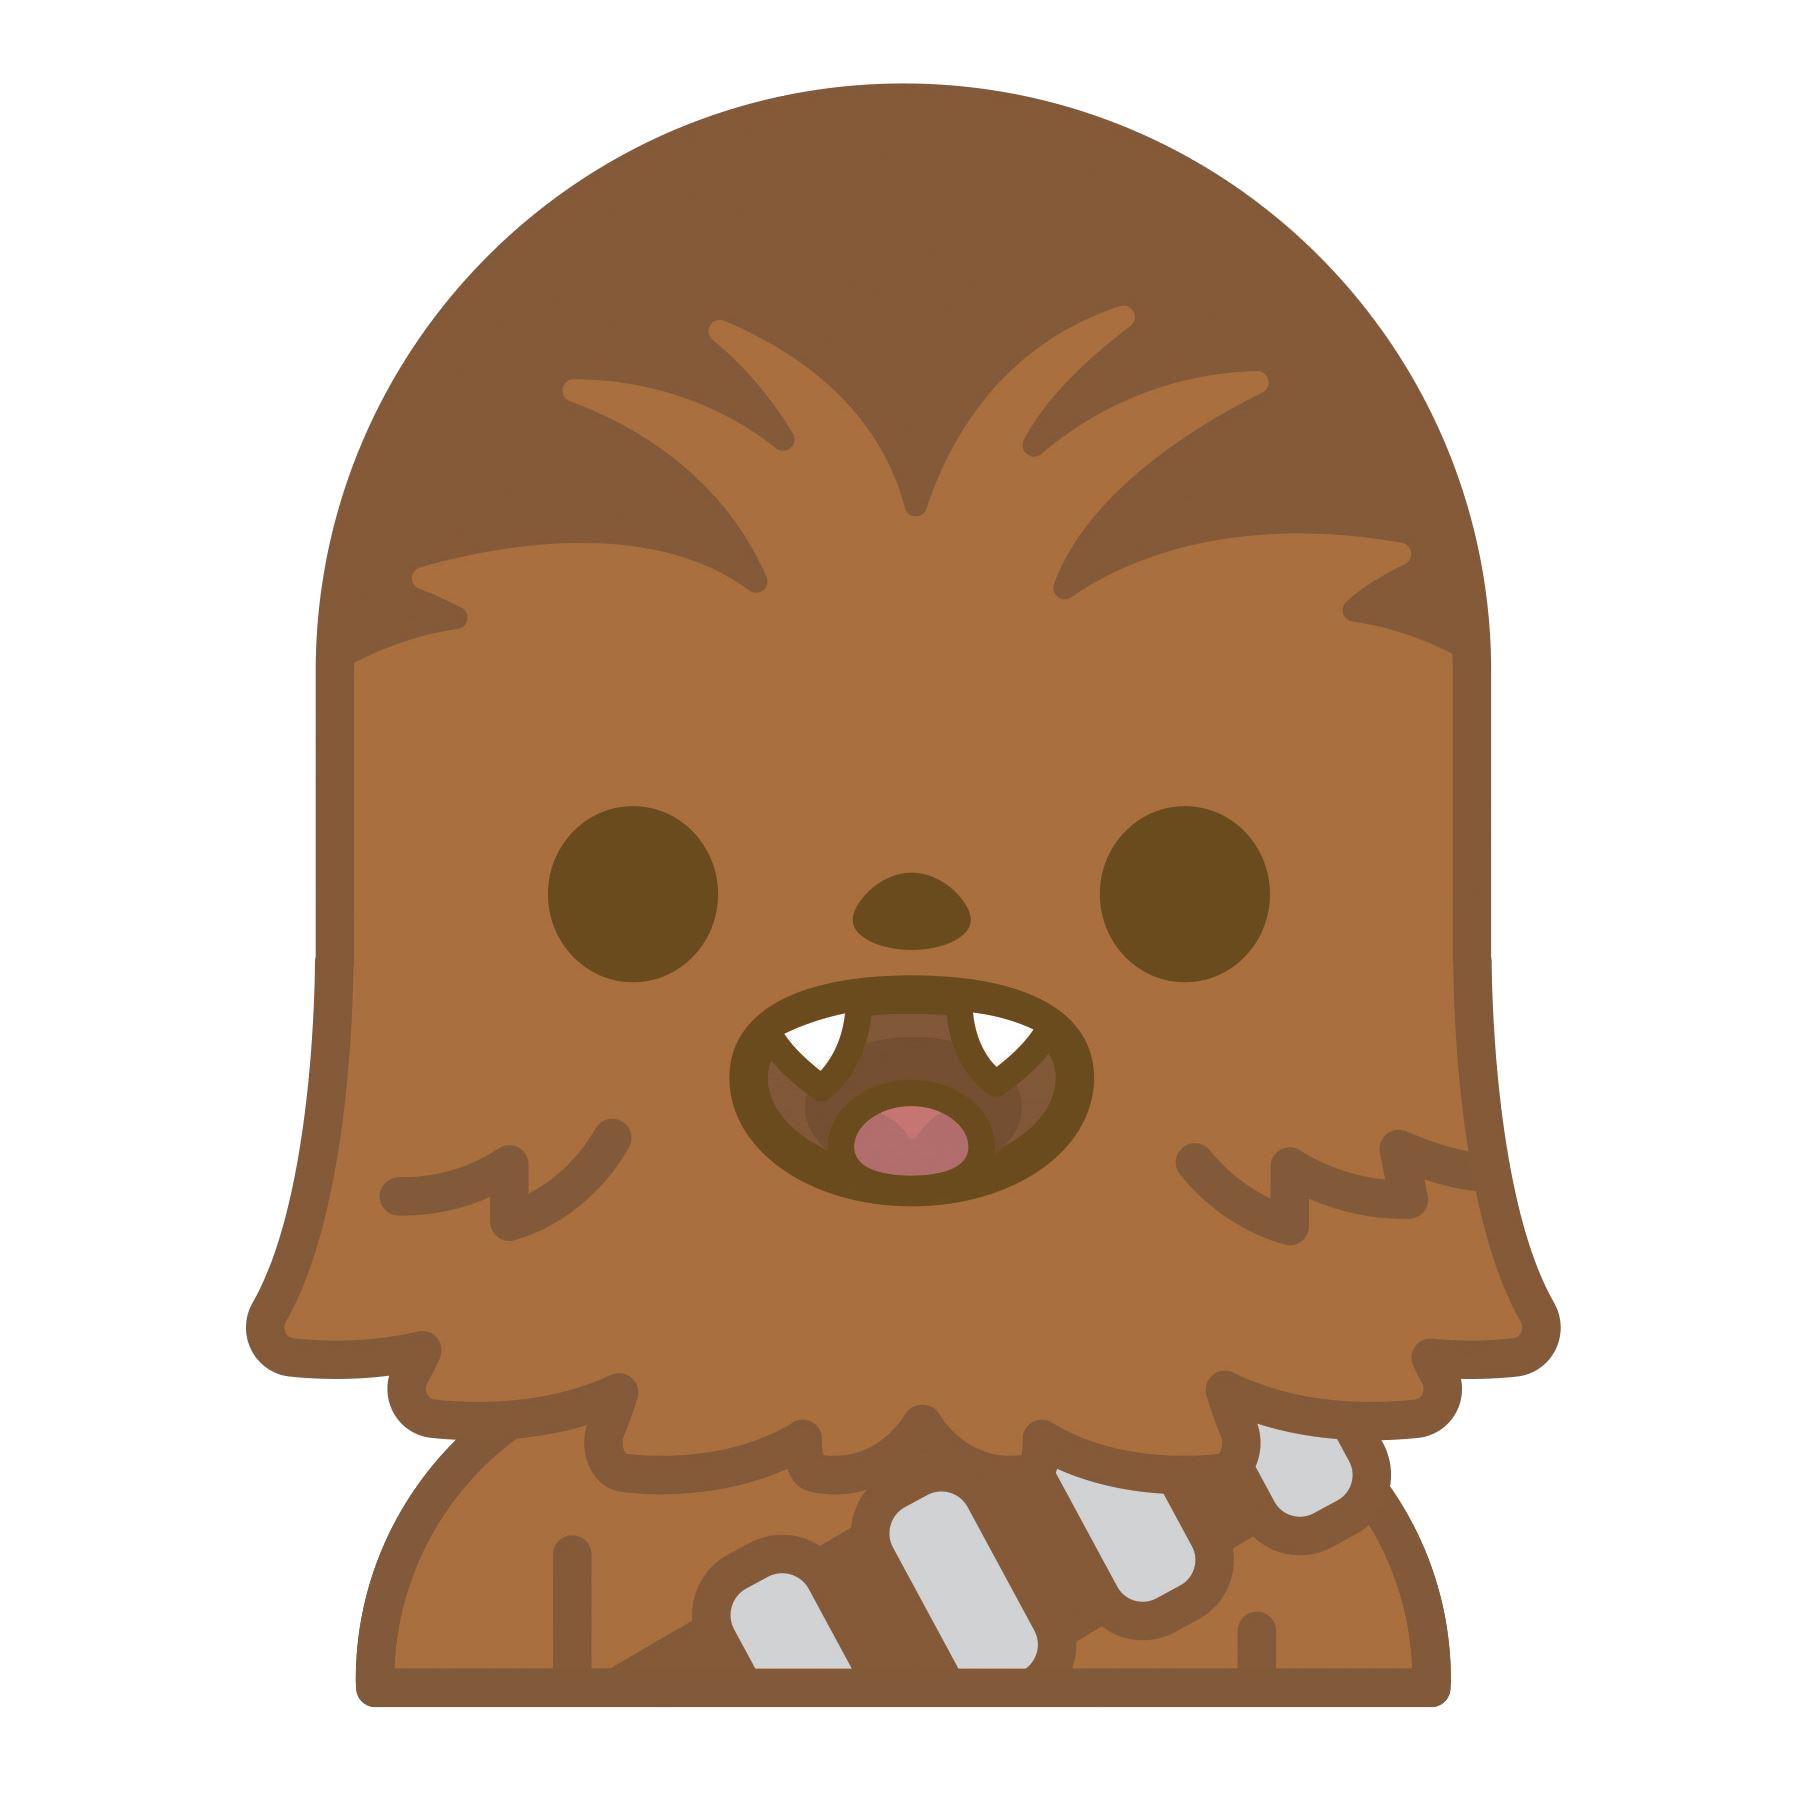 star wars clipart emoji chewbacca clipart rh clipart info star wars clipart black and white star wars clipart yoda